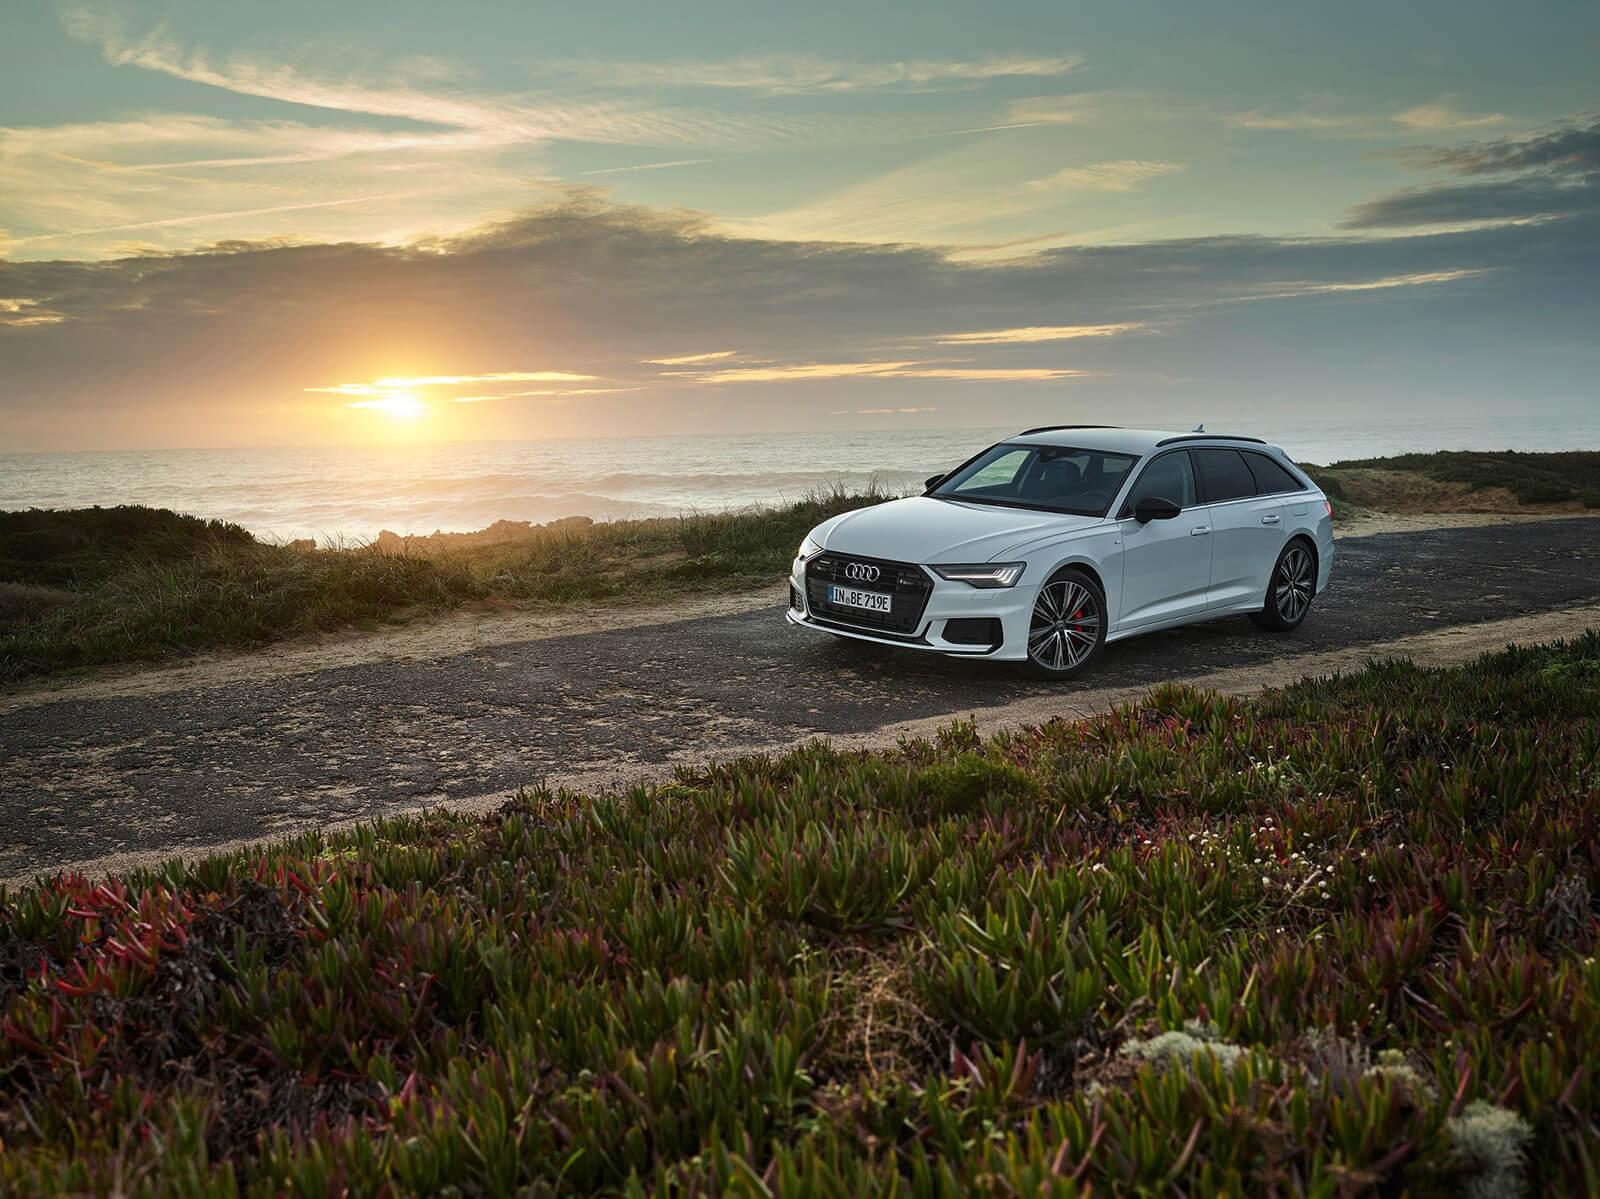 Νέο Audi A6 Avant TFSI e quattro σε κίνηση